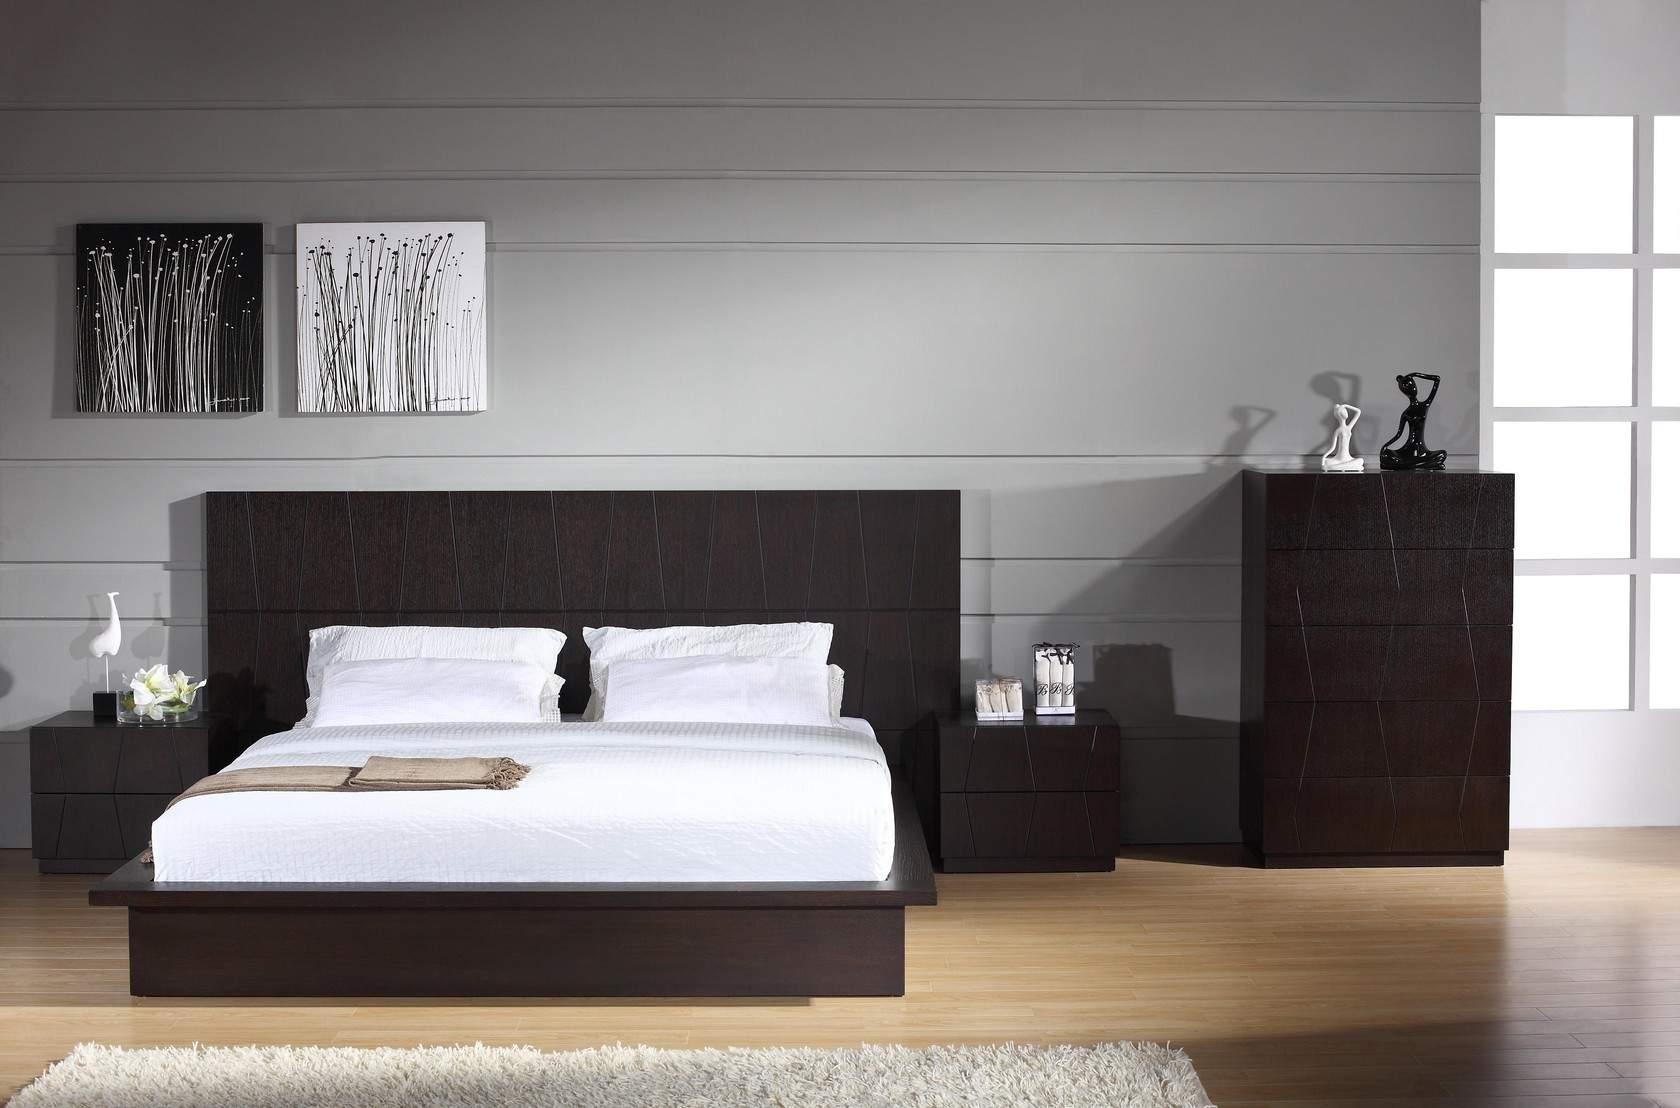 Best modern bedroom furniture sets with enchanting design for bedroom  interior design ideas edktdlb